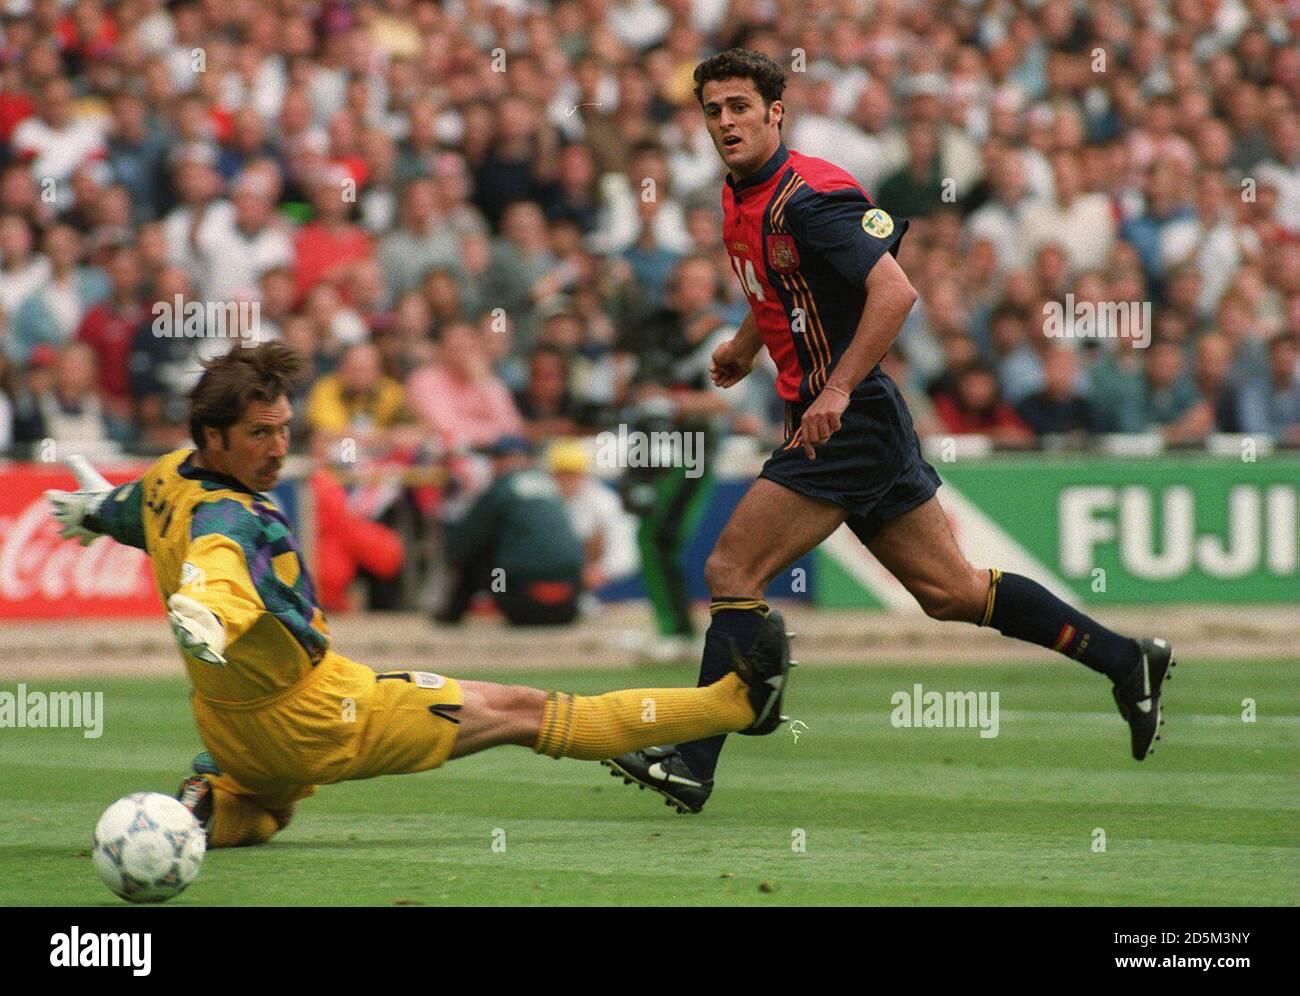 22-JUN-96 ..England / Spanien ... Der Spanier Francisco Narvaez Kiko punktet hinter dem ausgestreckten David Seaman, wird aber von der Seite ausgeschlossen Stockfoto